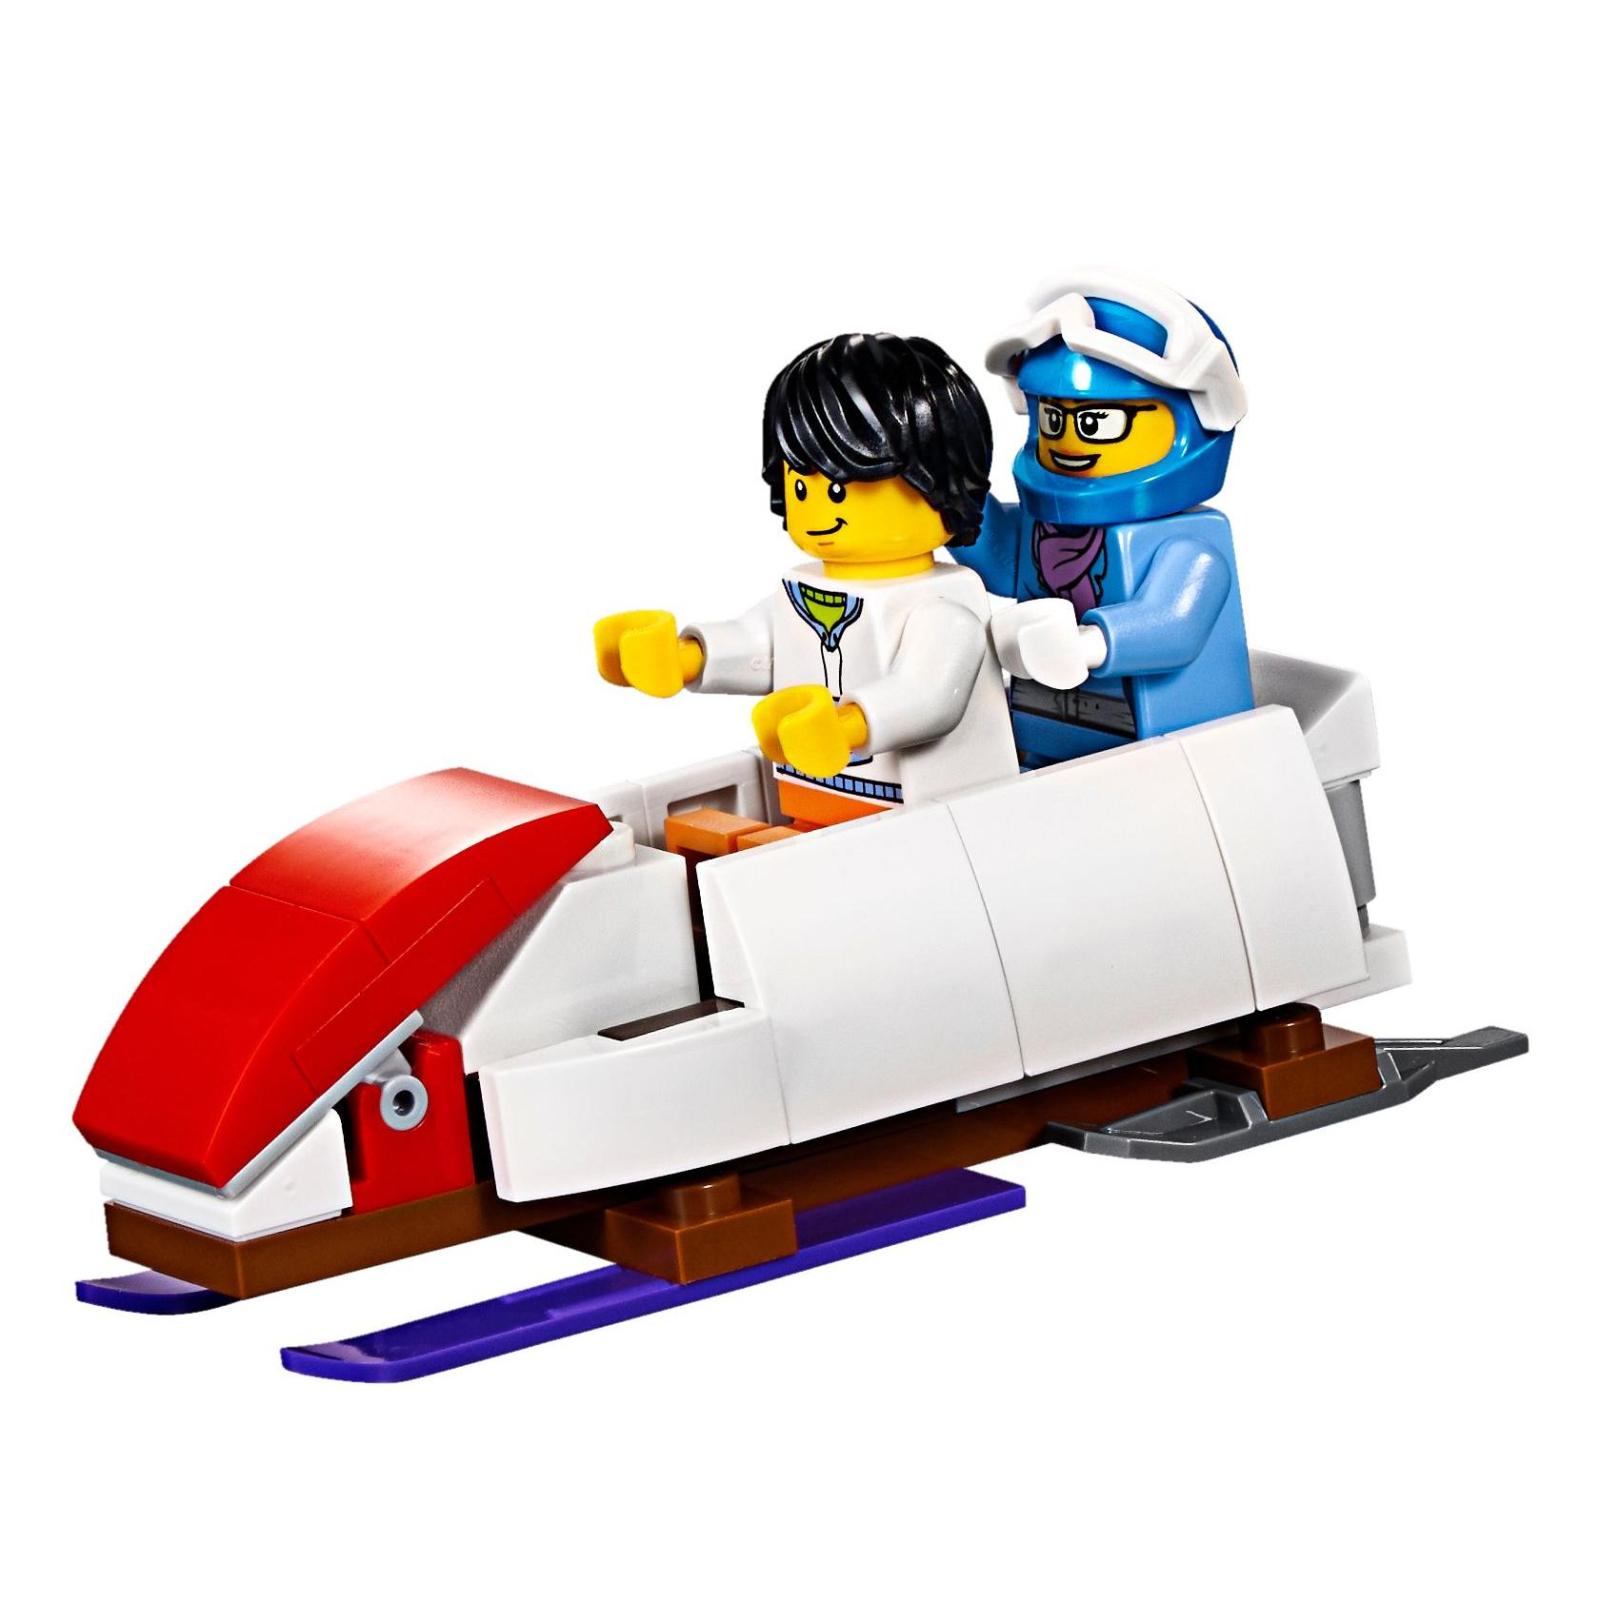 Конструктор LEGO Creator Модульный набор Зимние каникулы (31080) изображение 9